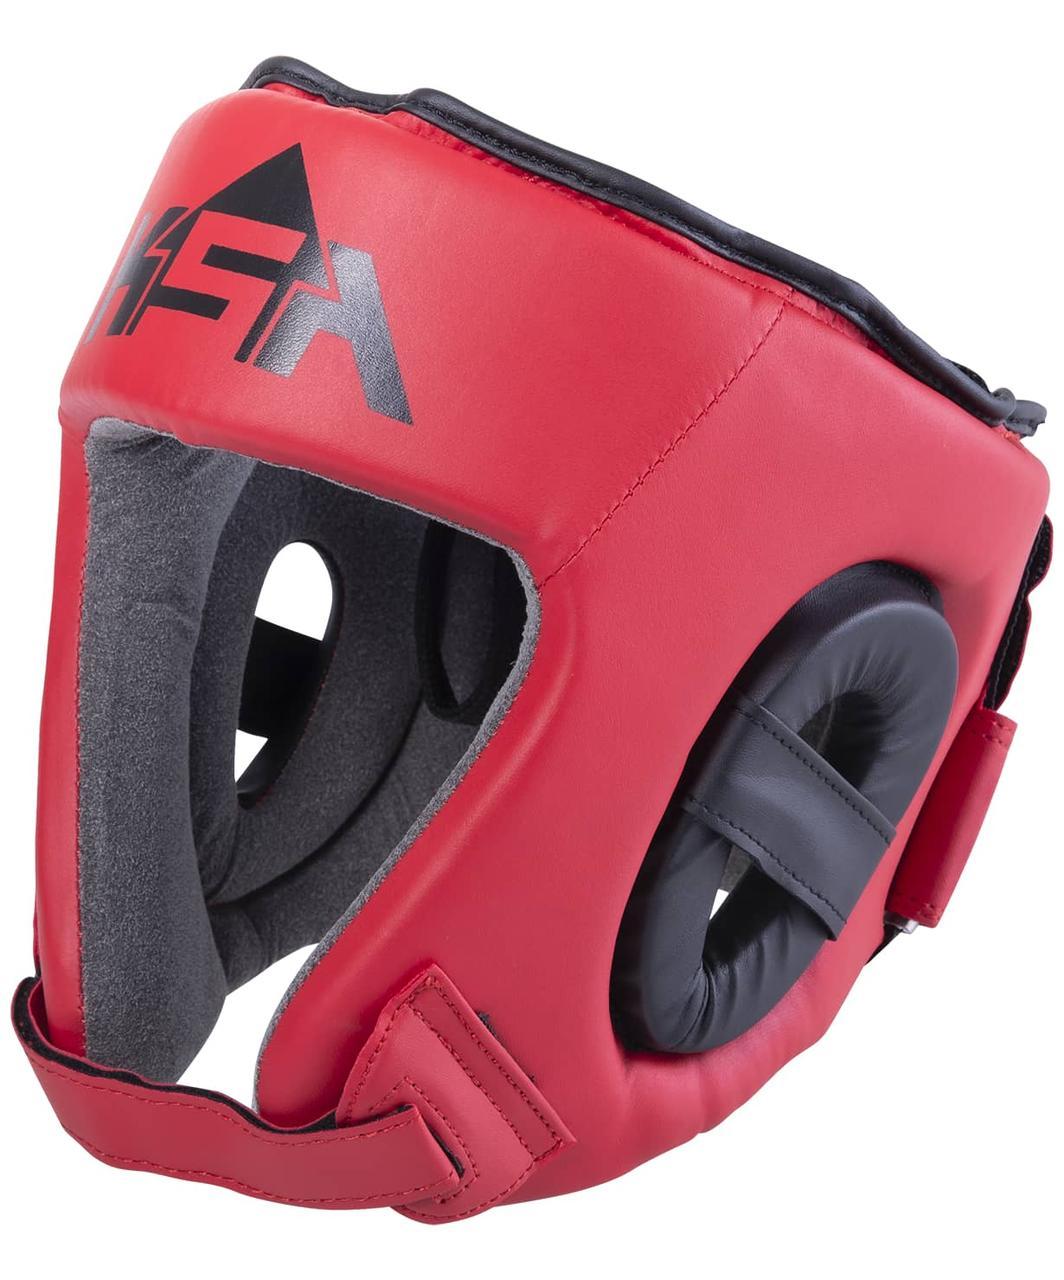 Шлем открытый Champ Red, S KSA